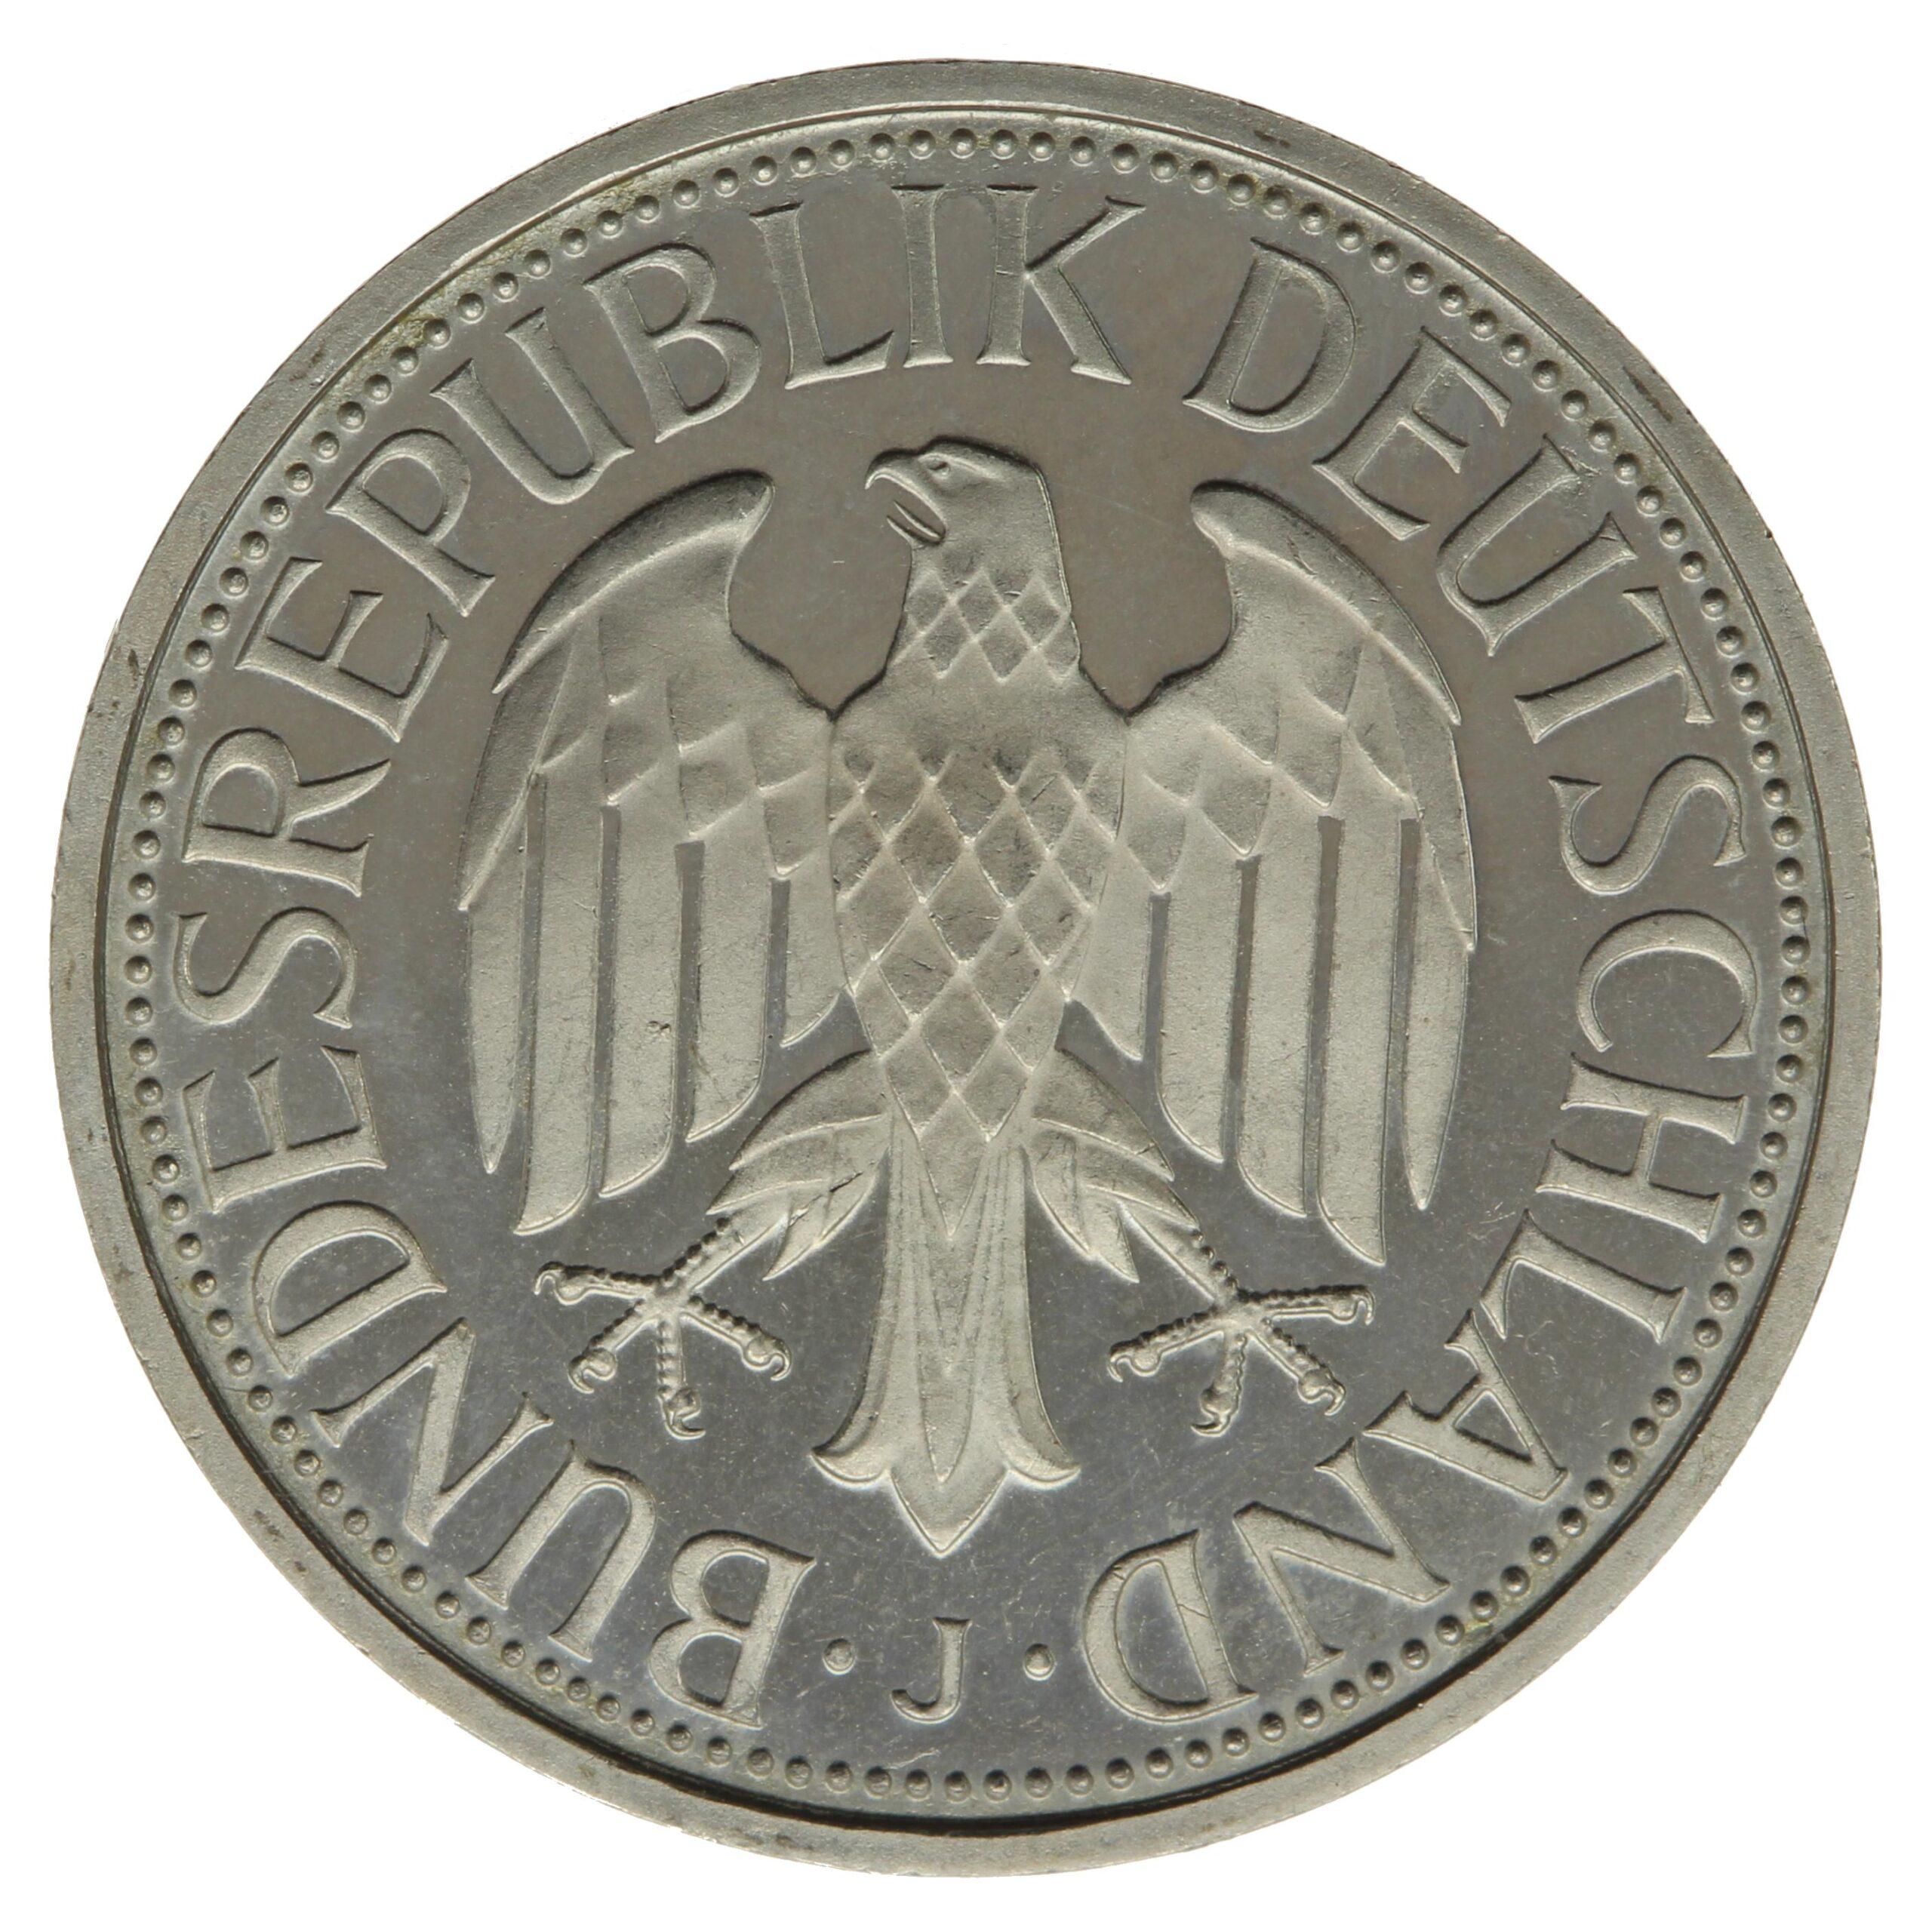 DE 1 Deutsche Mark 1998 J